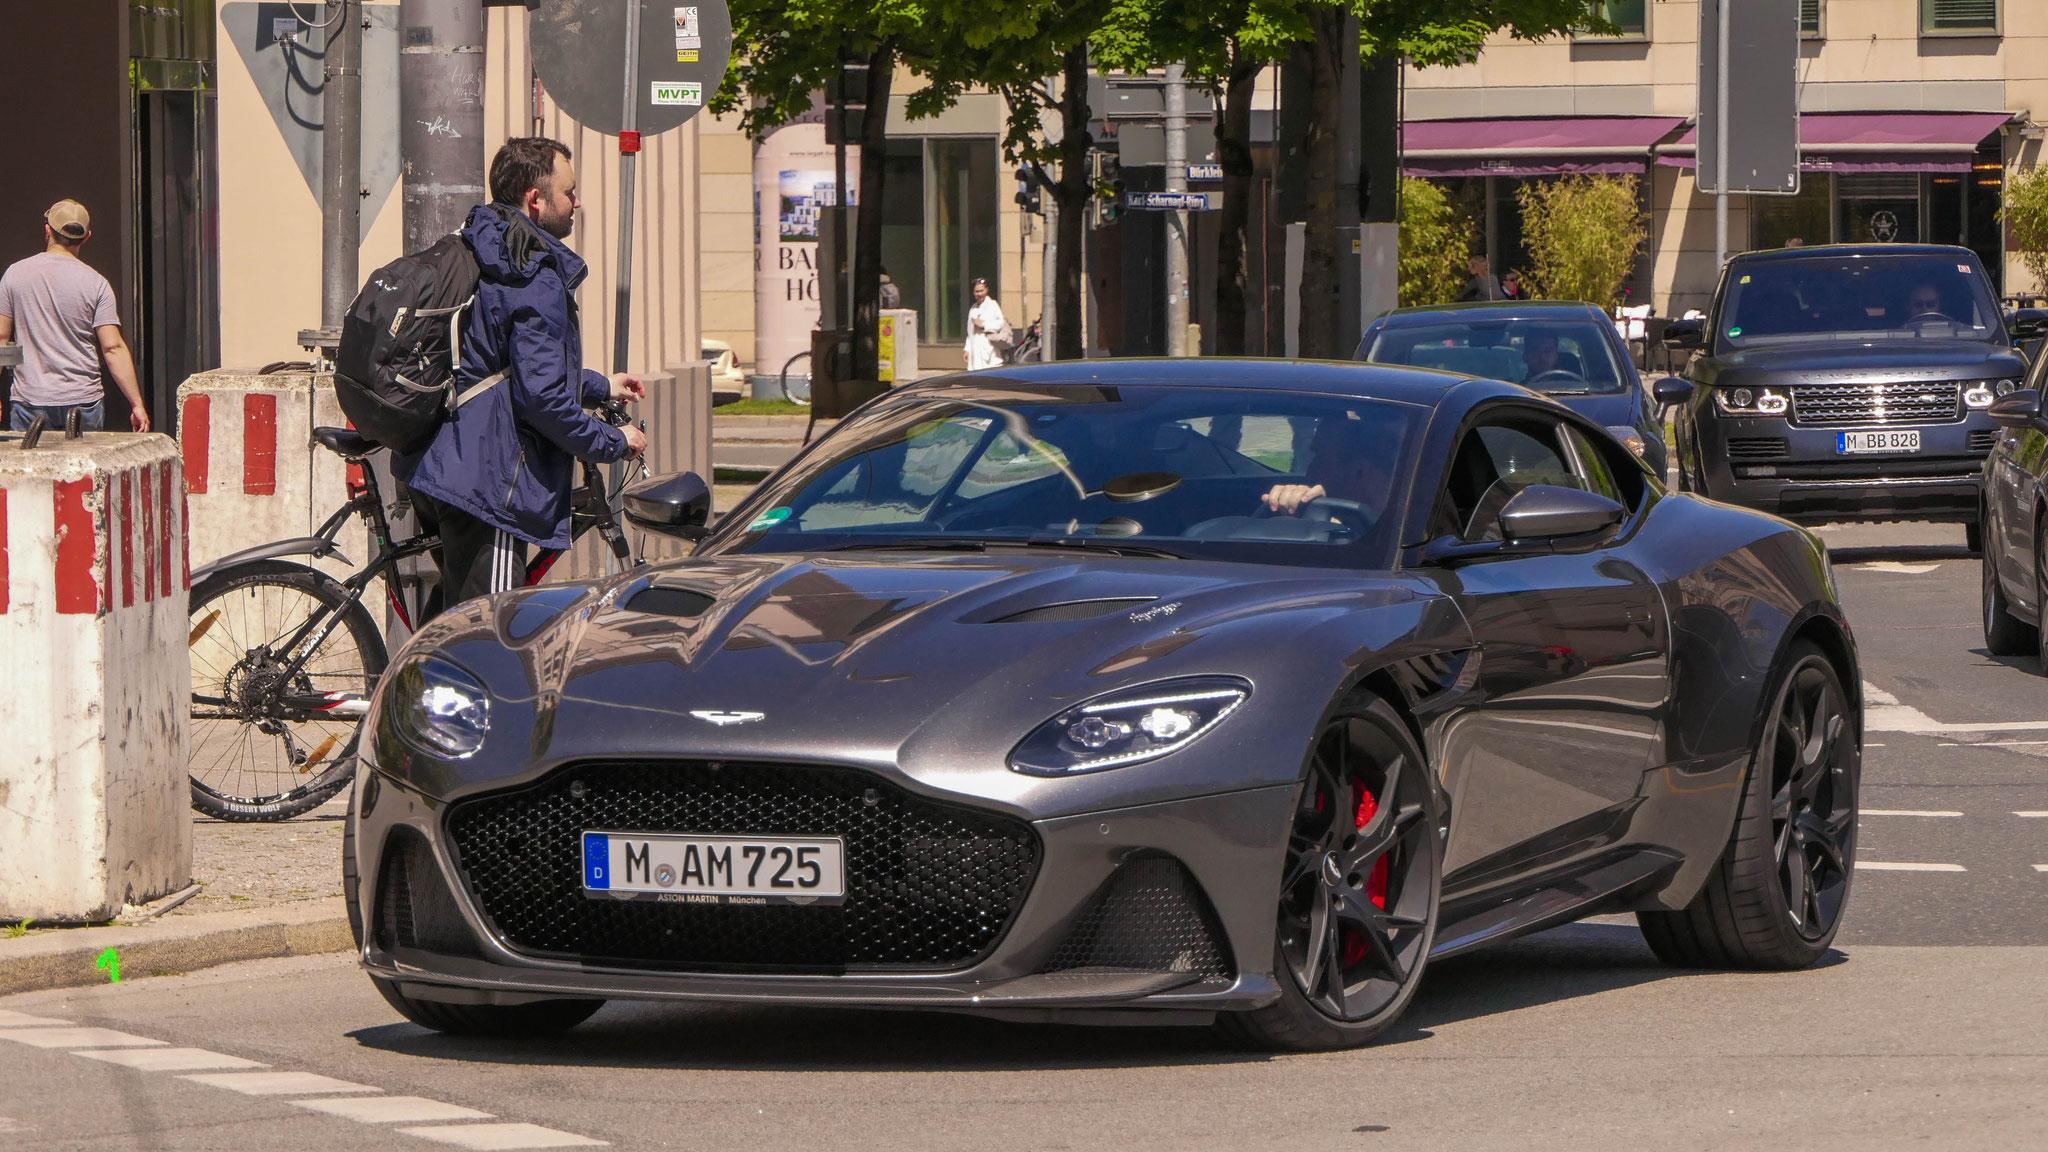 Aston Martin DBS Superleggera - M-AM-725